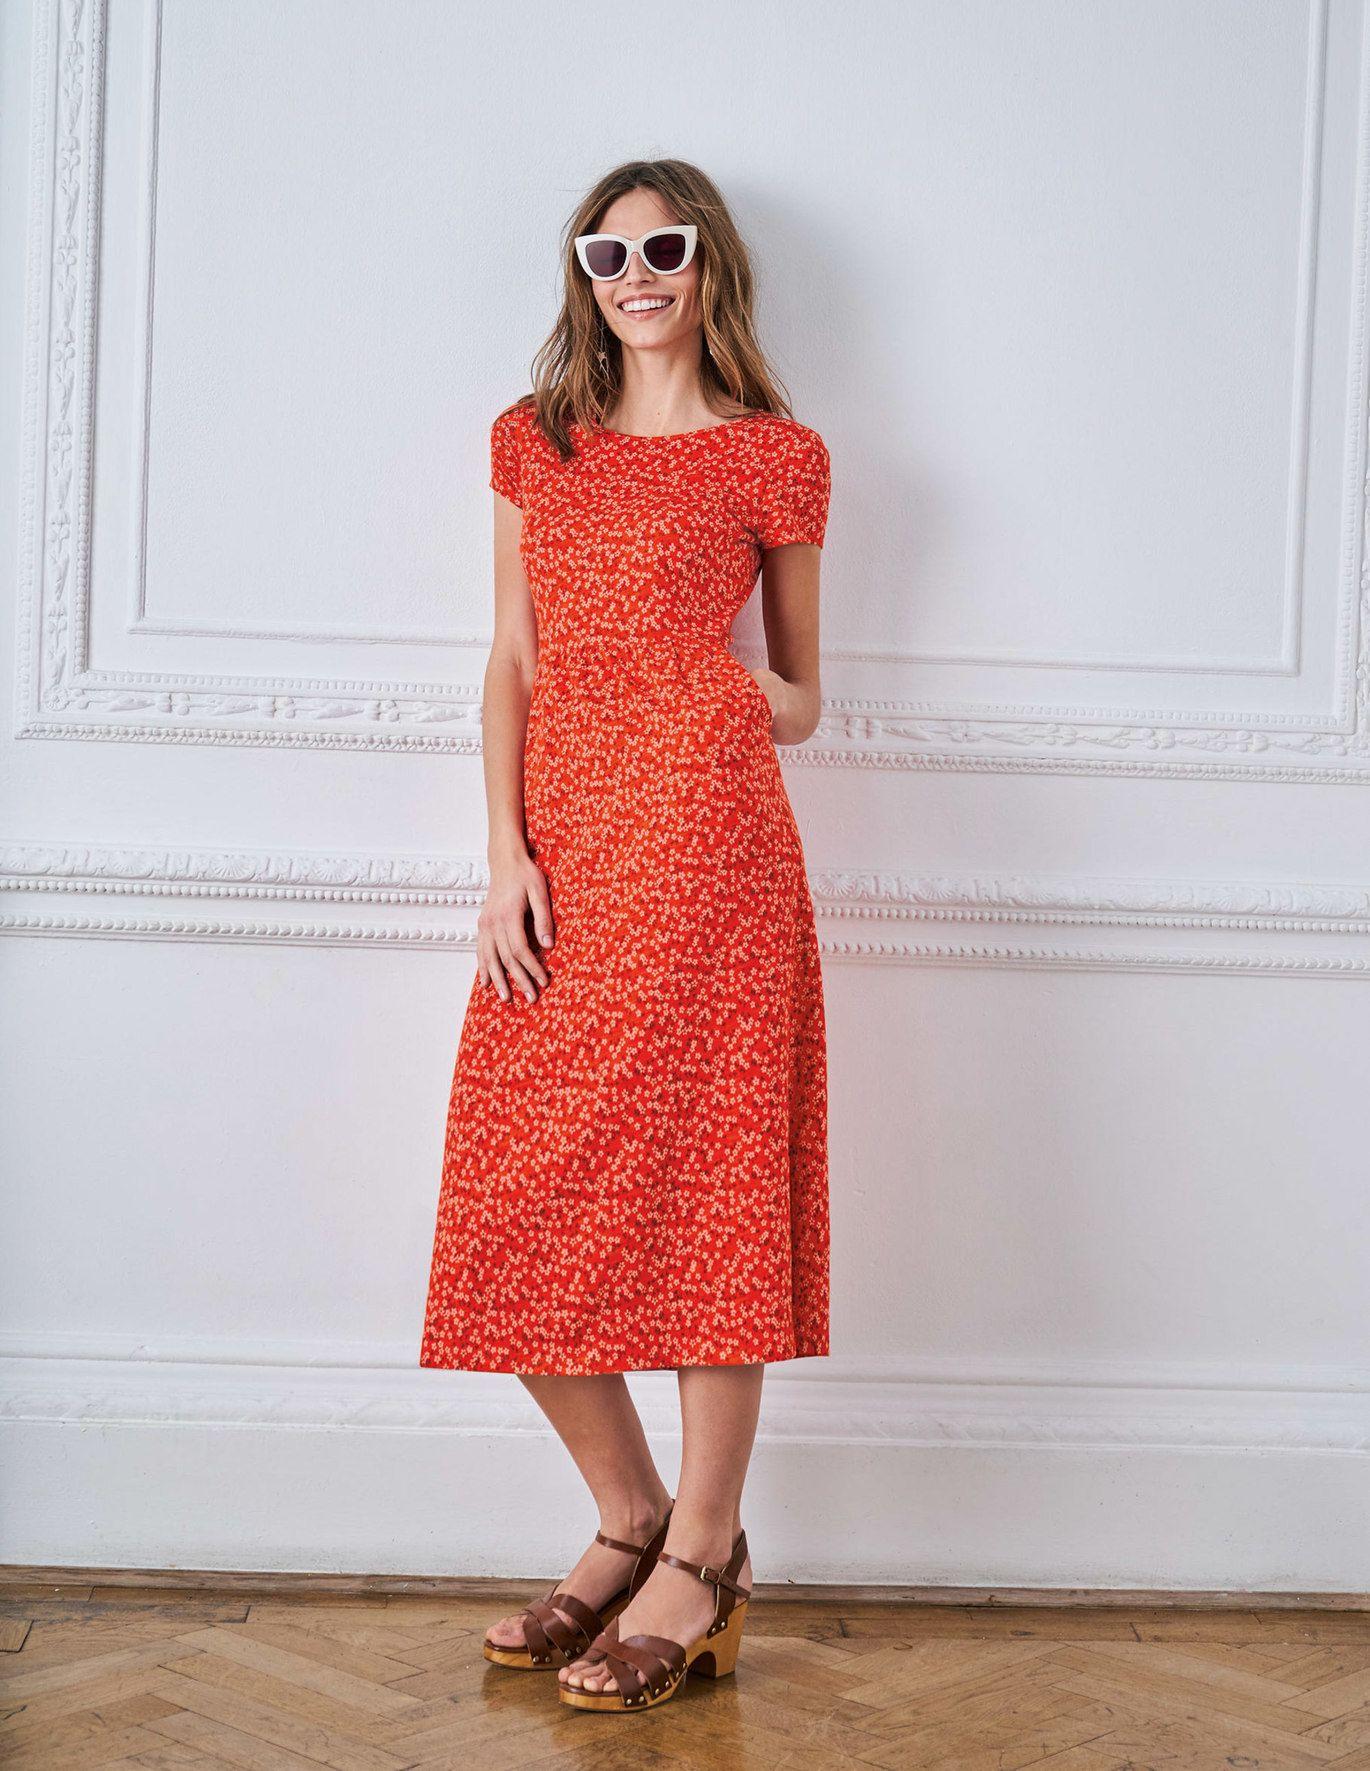 Nicola Jersey Midi Dress Red Pop Daisy Sprig Red Midi Dress Midi Dress Red Dress [ 1771 x 1370 Pixel ]